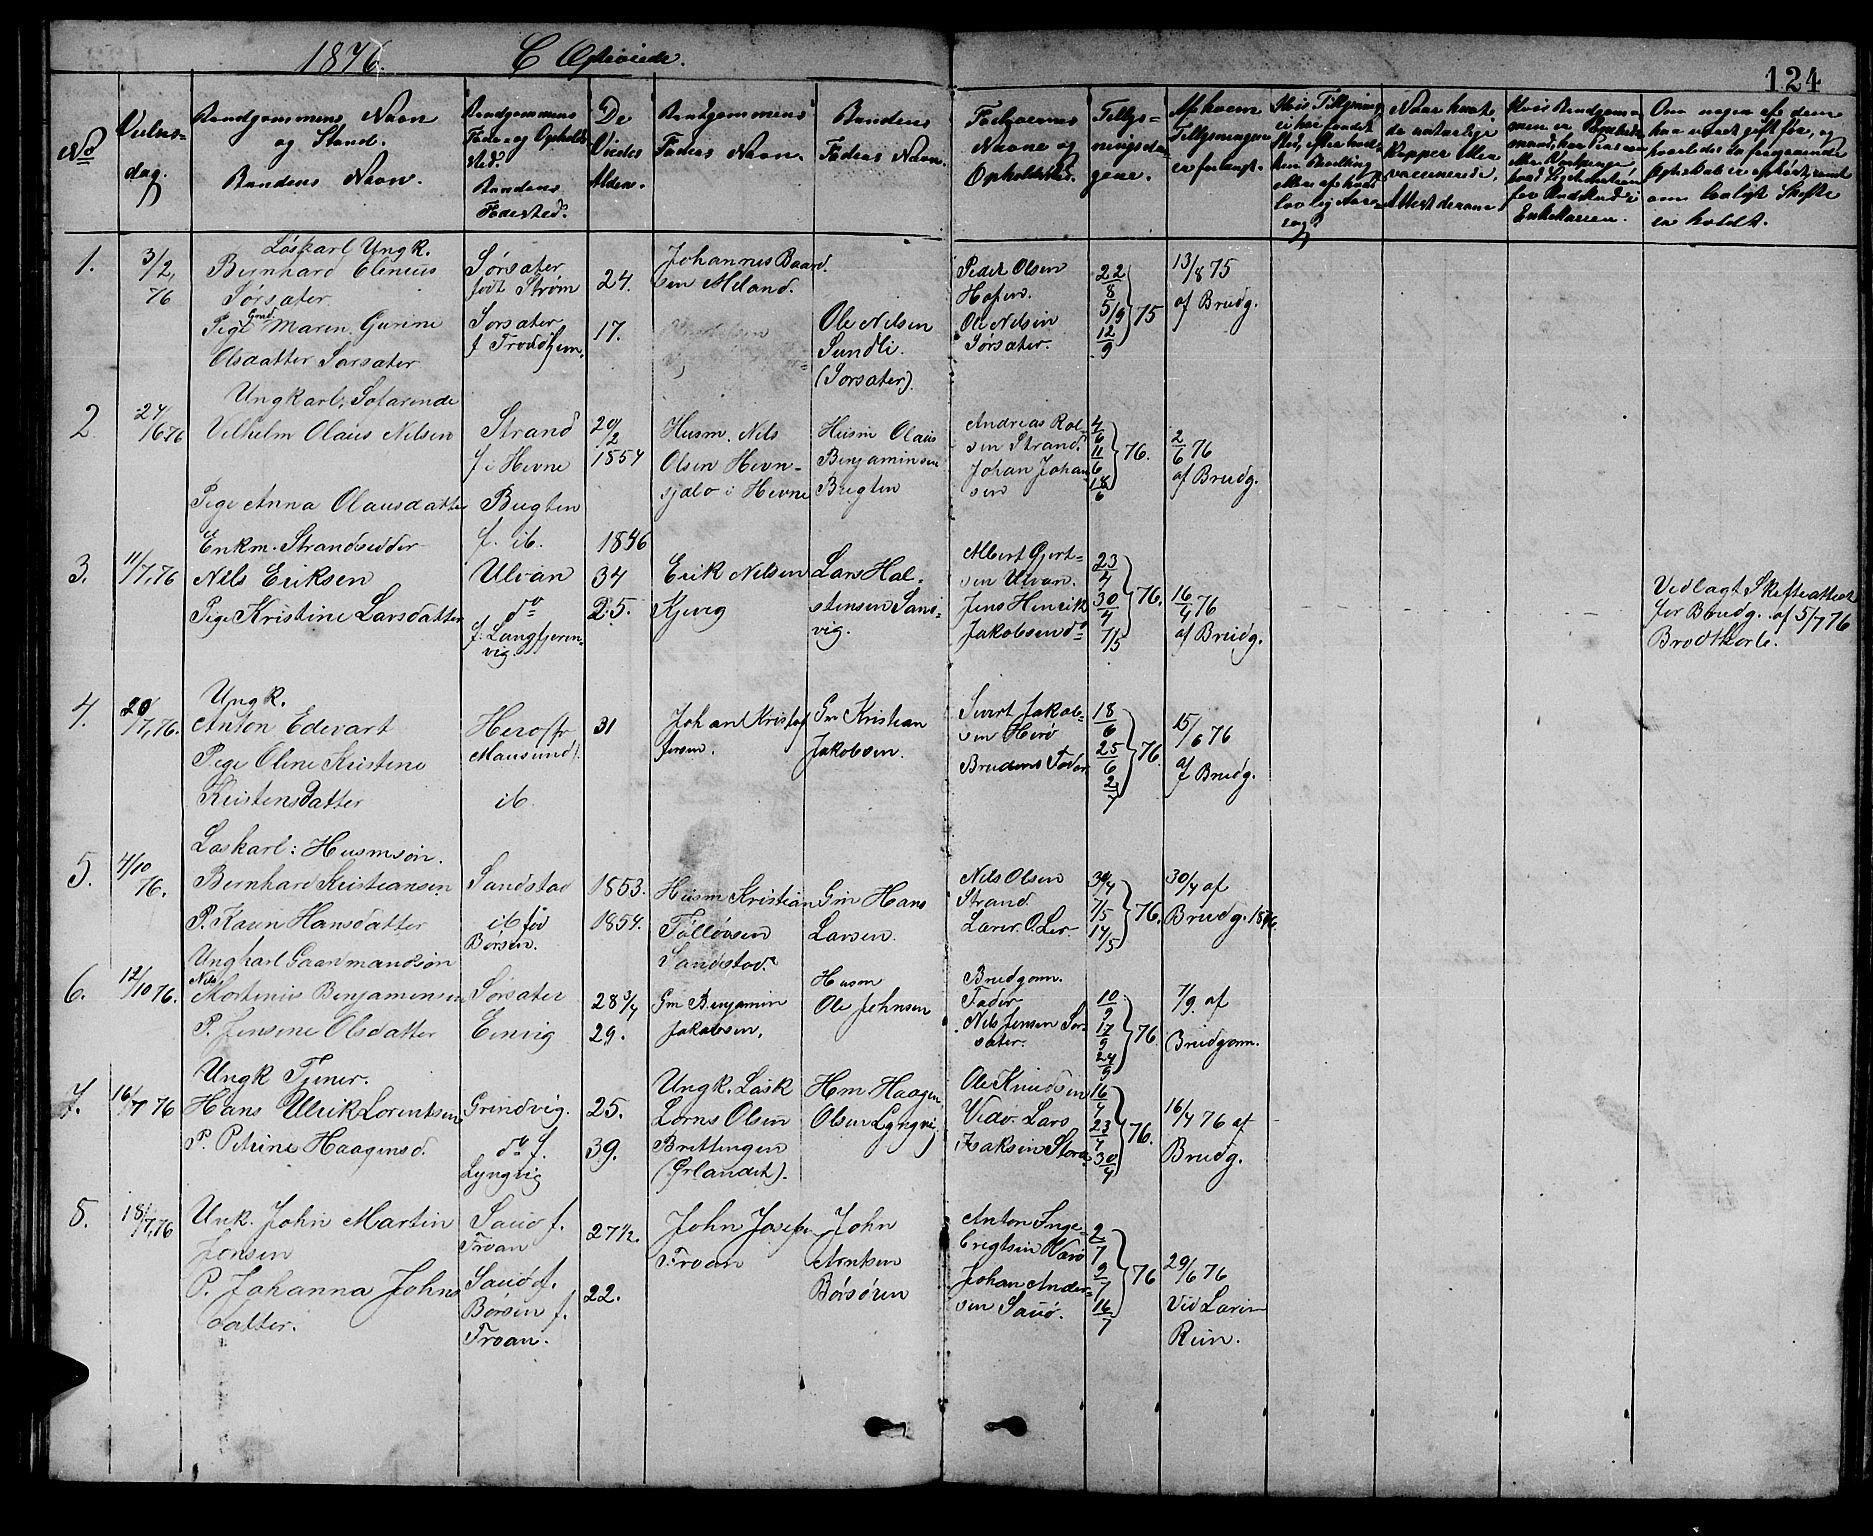 SAT, Ministerialprotokoller, klokkerbøker og fødselsregistre - Sør-Trøndelag, 637/L0561: Klokkerbok nr. 637C02, 1873-1882, s. 124